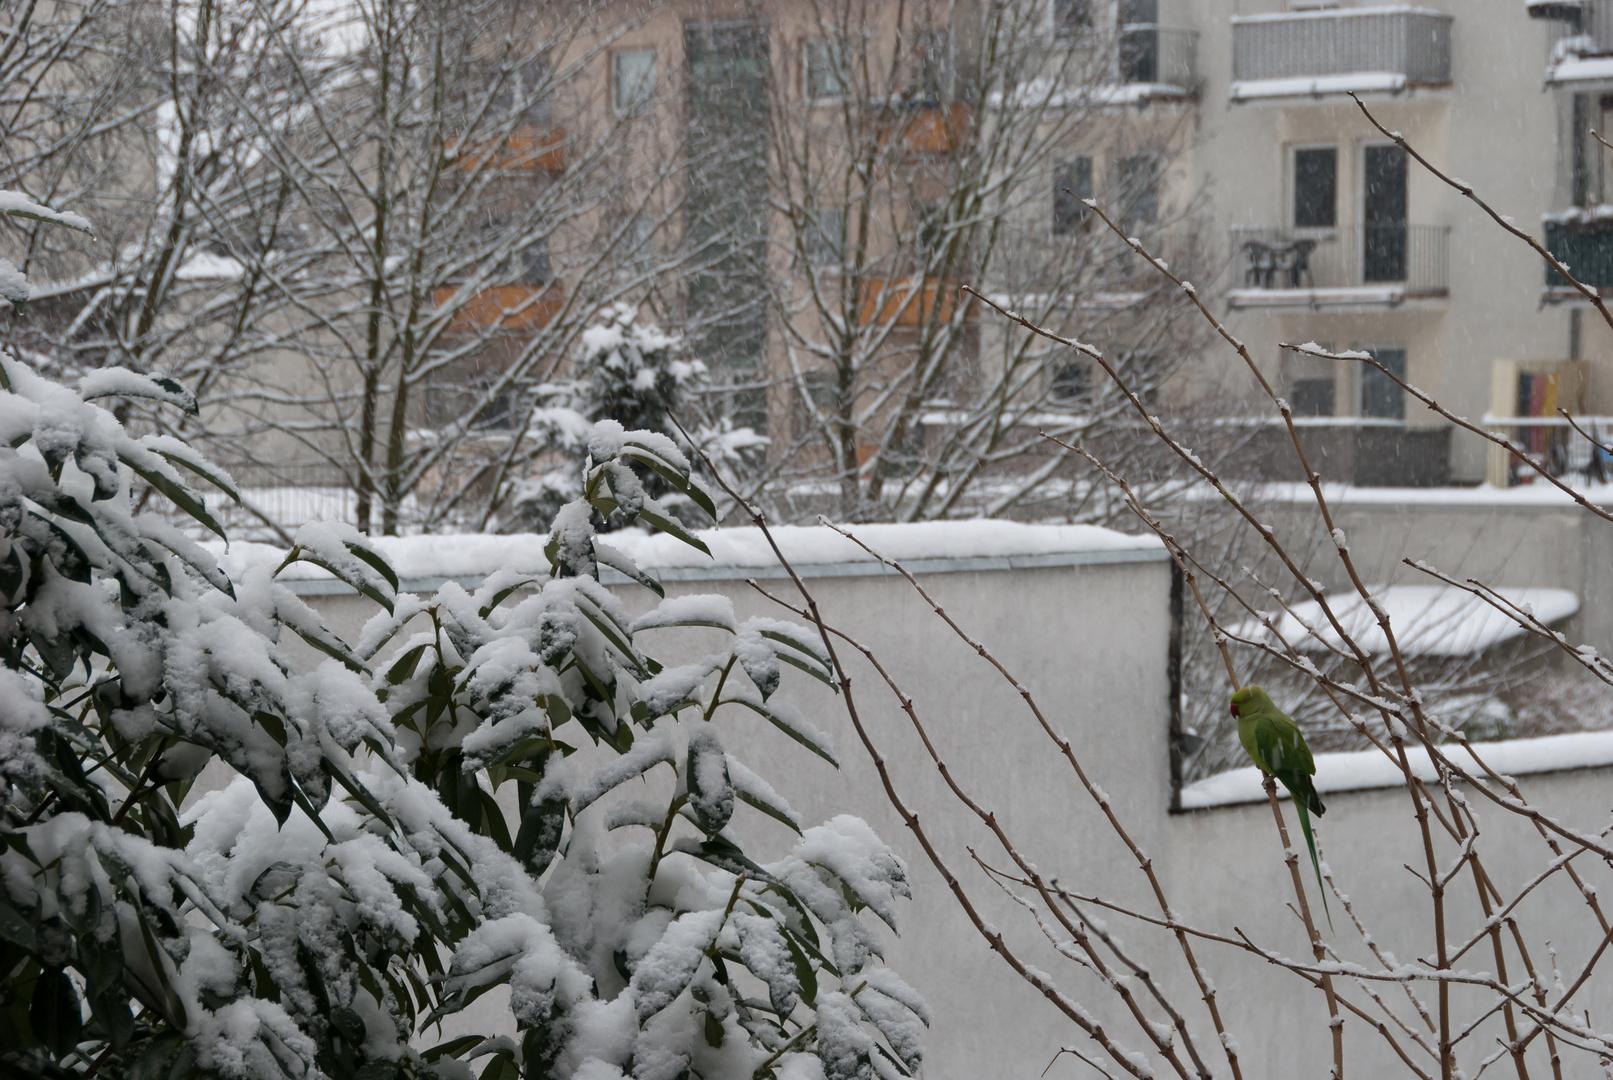 Hinterhofromantik mit Schnee und Halsbandsittich